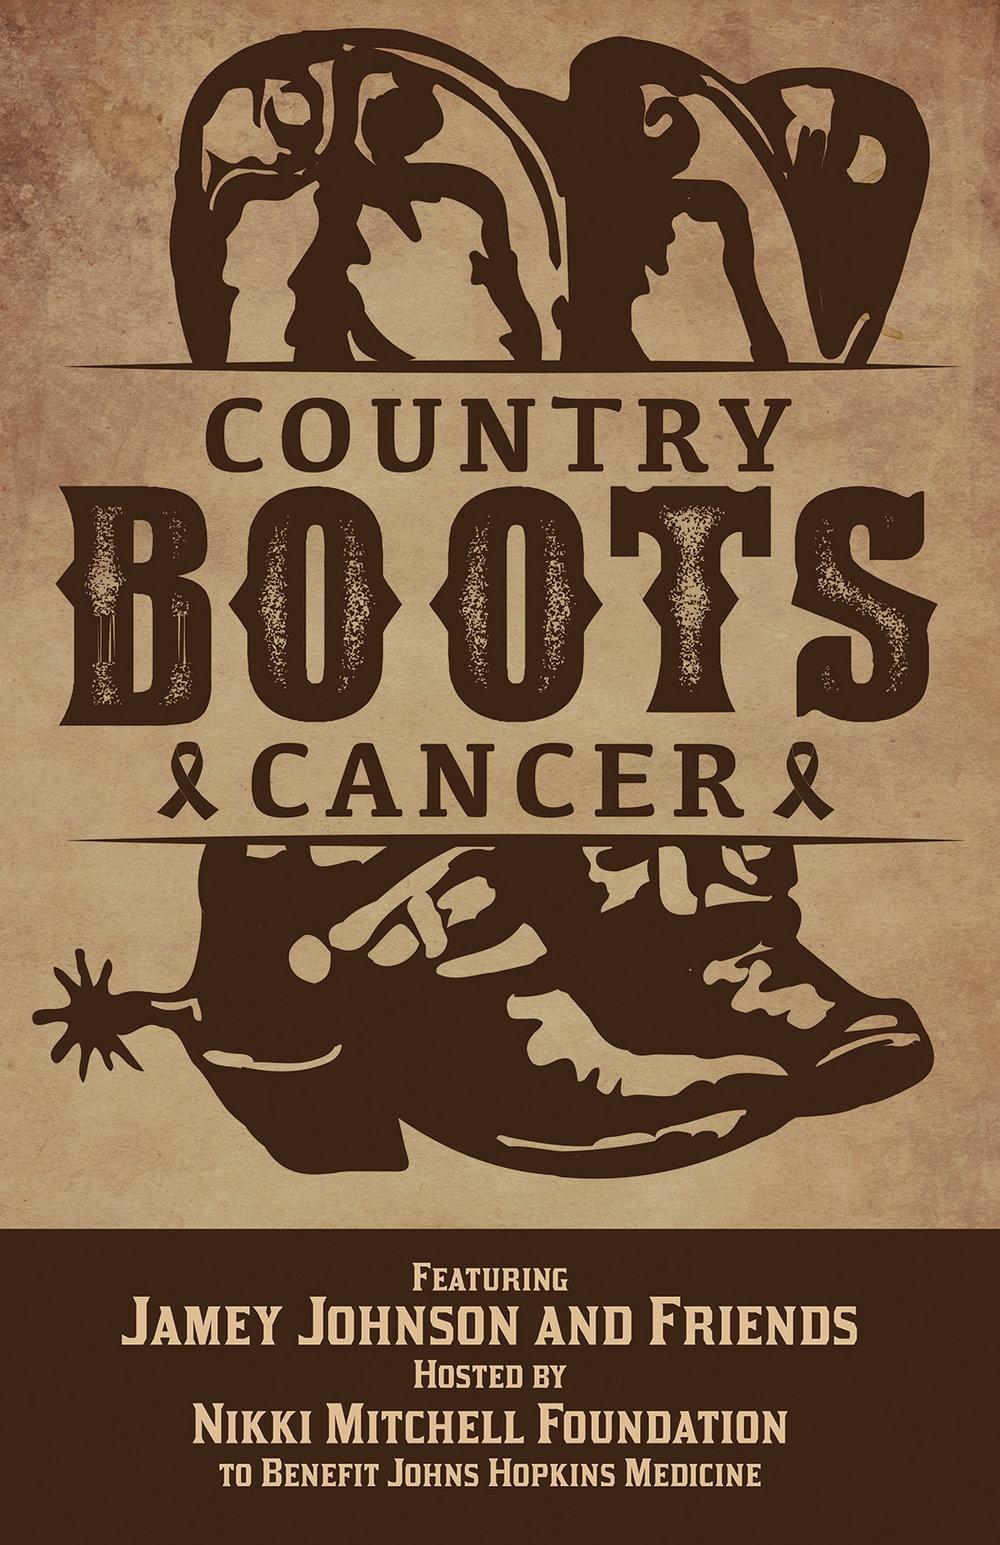 CountryBootsCancerPoster_R3.jpg